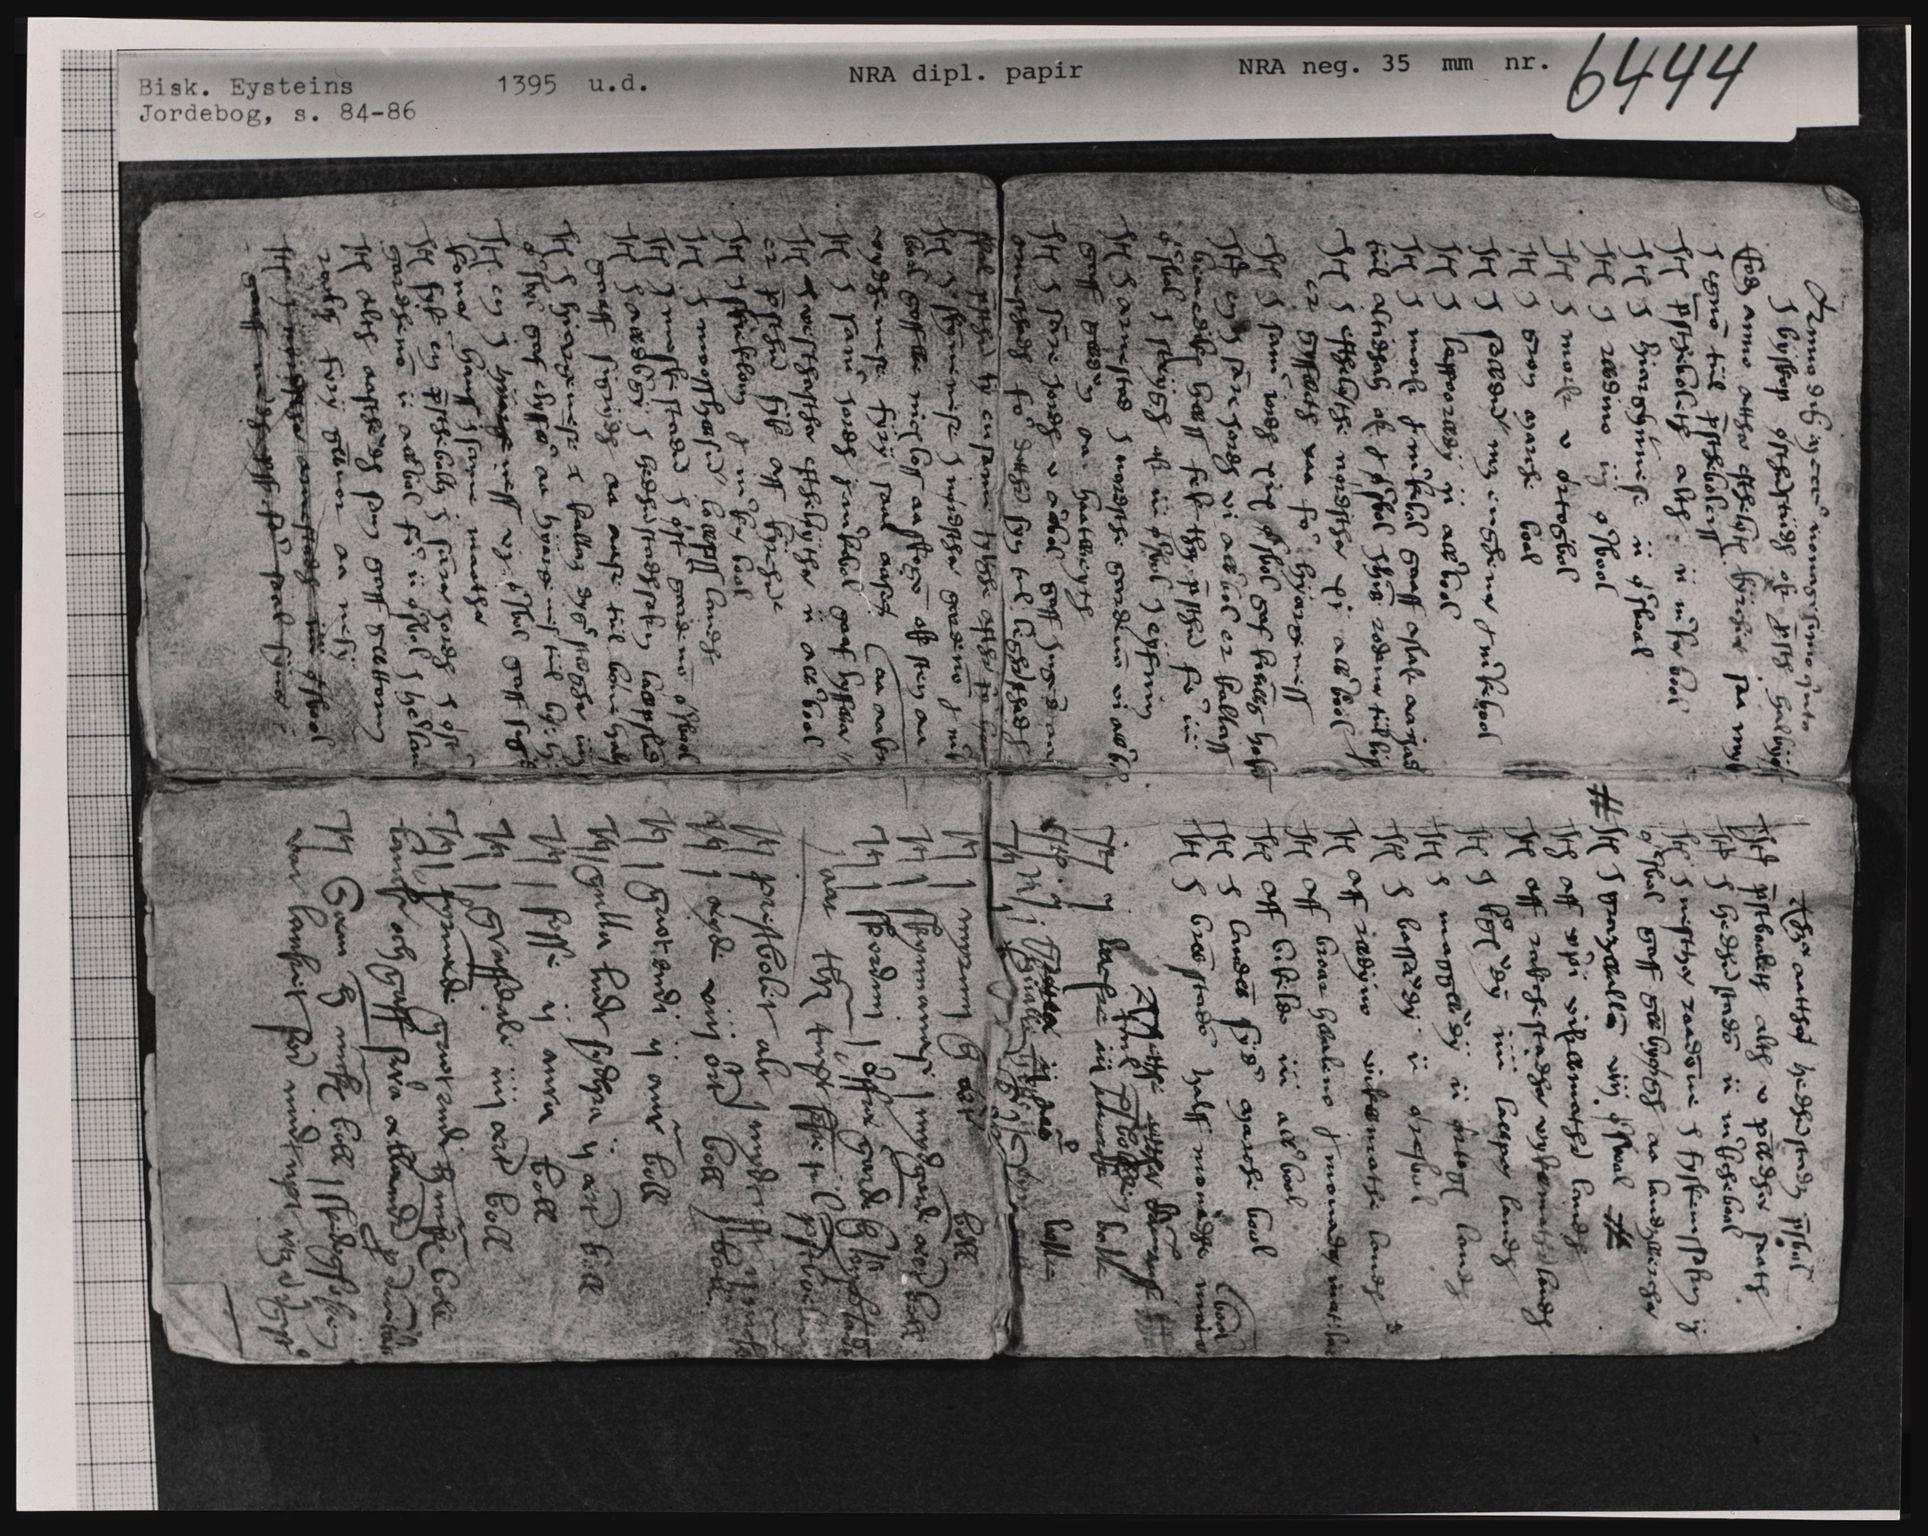 RA, Riksarkivets diplomsamling, F02, 1395-1570, s. 1